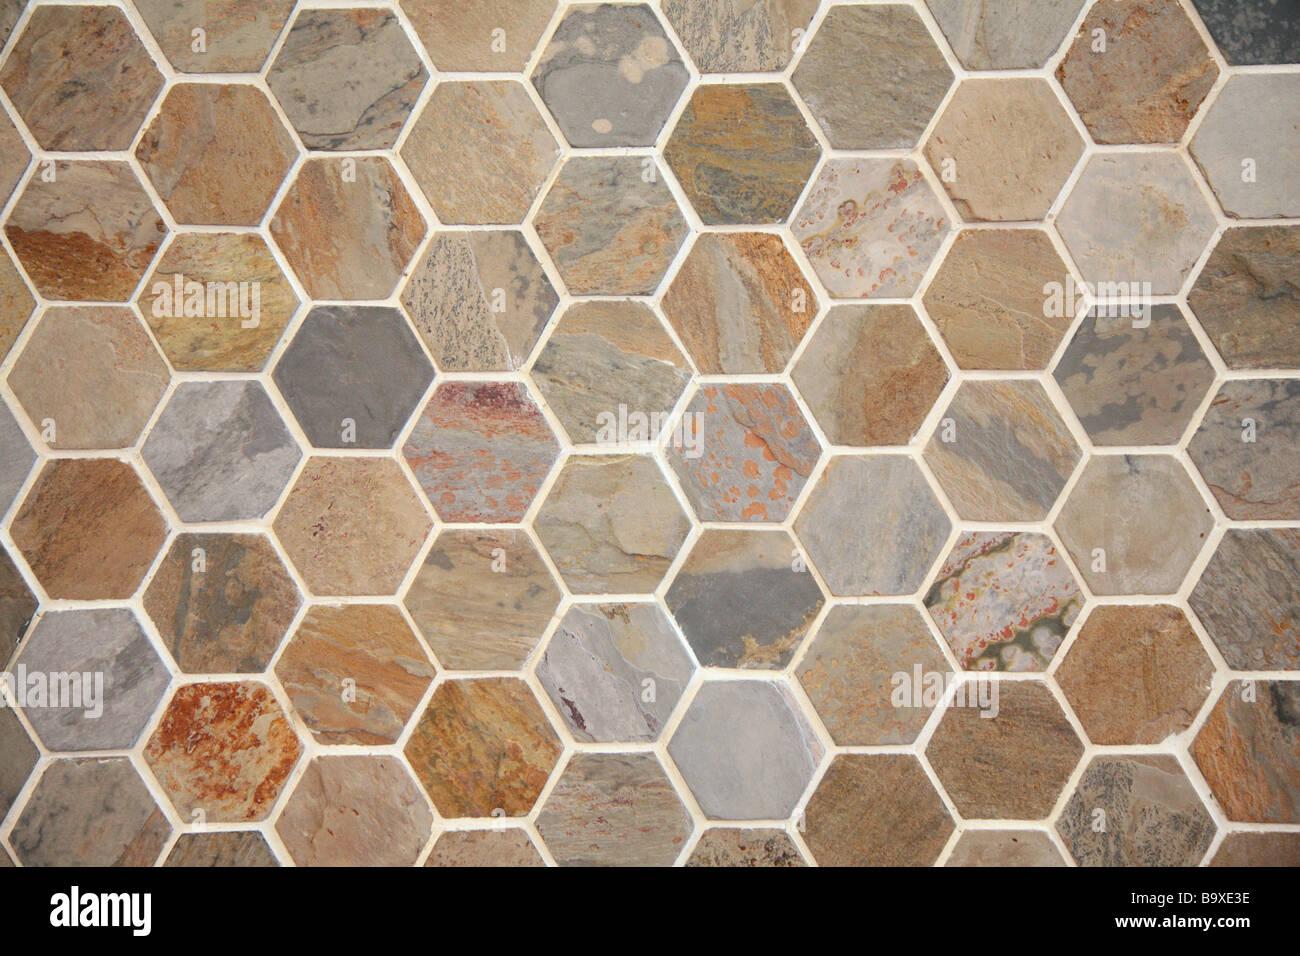 pavimento hexagonal foto imagen de stock 23324098 alamy